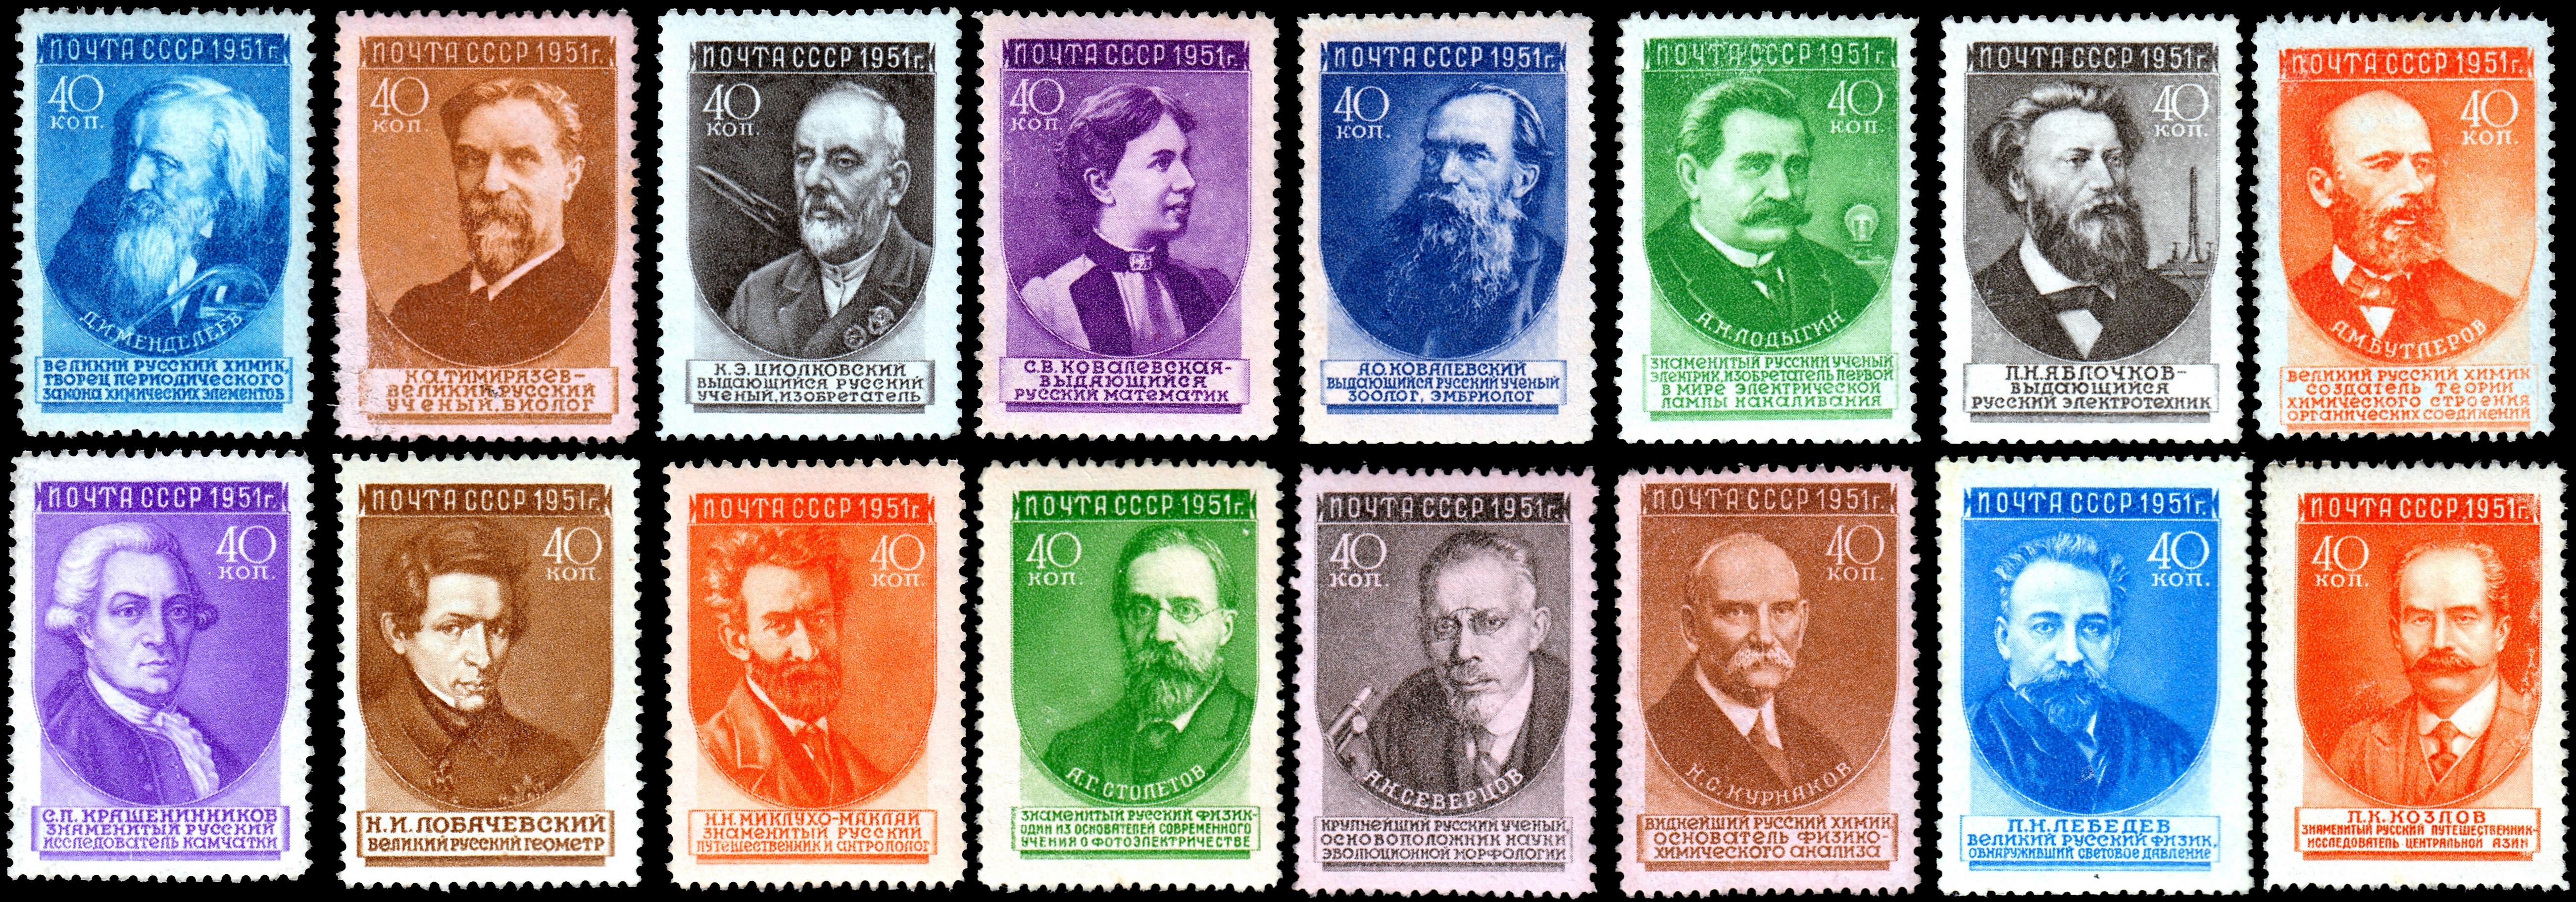 Paleophilatelie eu - Paleontologits in Philately, on stamps